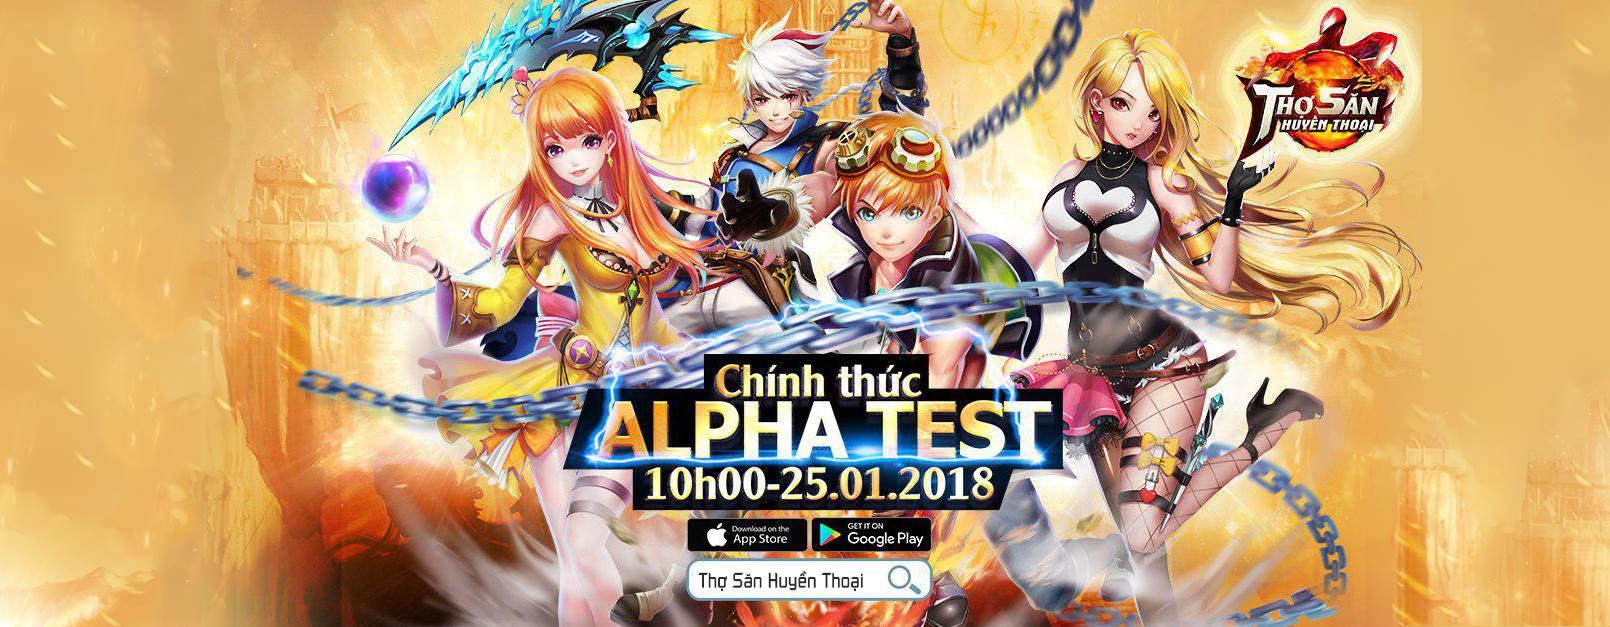 Thợ Săn Linh Hồn ấn định thời gian Alpha Test với tên gọi mới